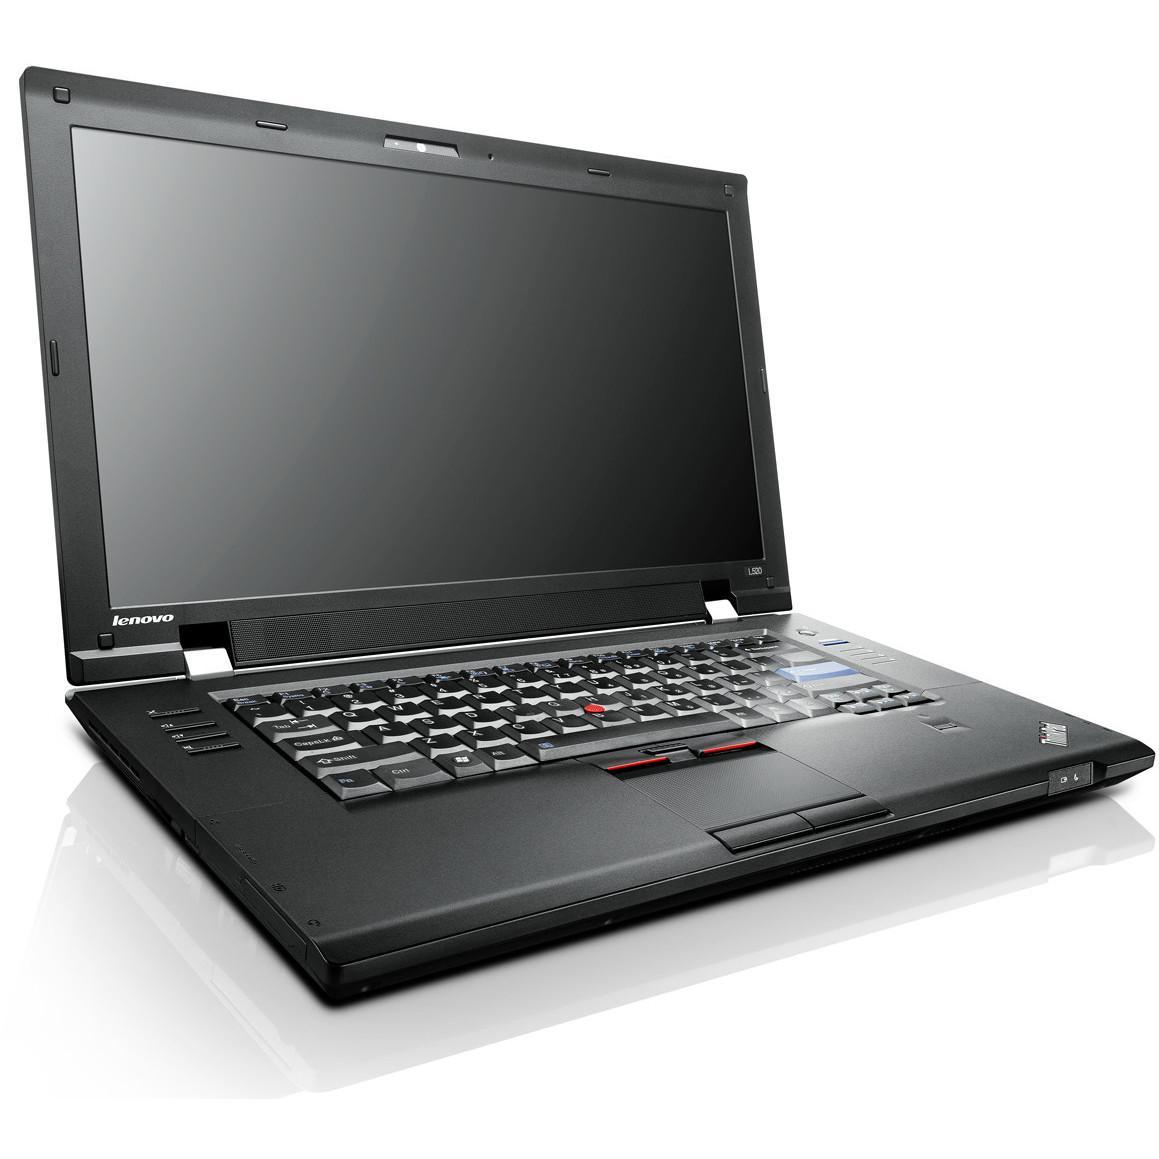 Laptop second hand Thinkpad L520 i3-2310M 2.10GHz 4GB DDR3 160GB HDD Sata DVDRW 15.6inch